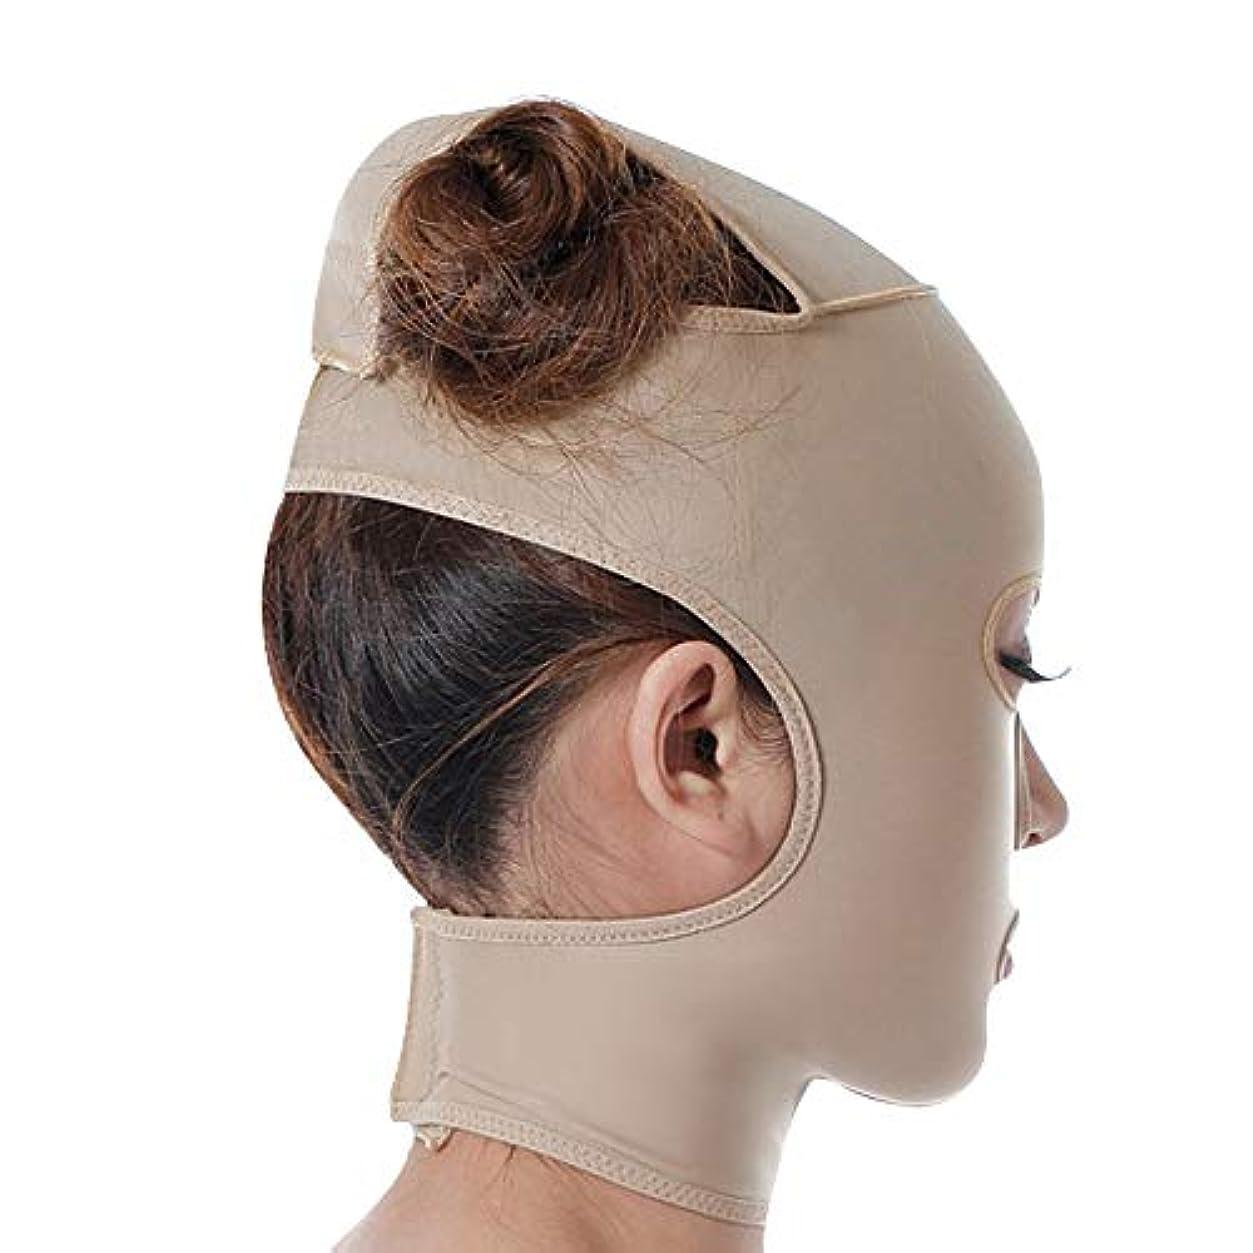 デッドロック恩恵建てるGLJJQMY 引き締めマスクマスク美容薬マスク美容V顔包帯ライン彫刻リフティング引き締め二重あごマスク 顔用整形マスク (Size : M)